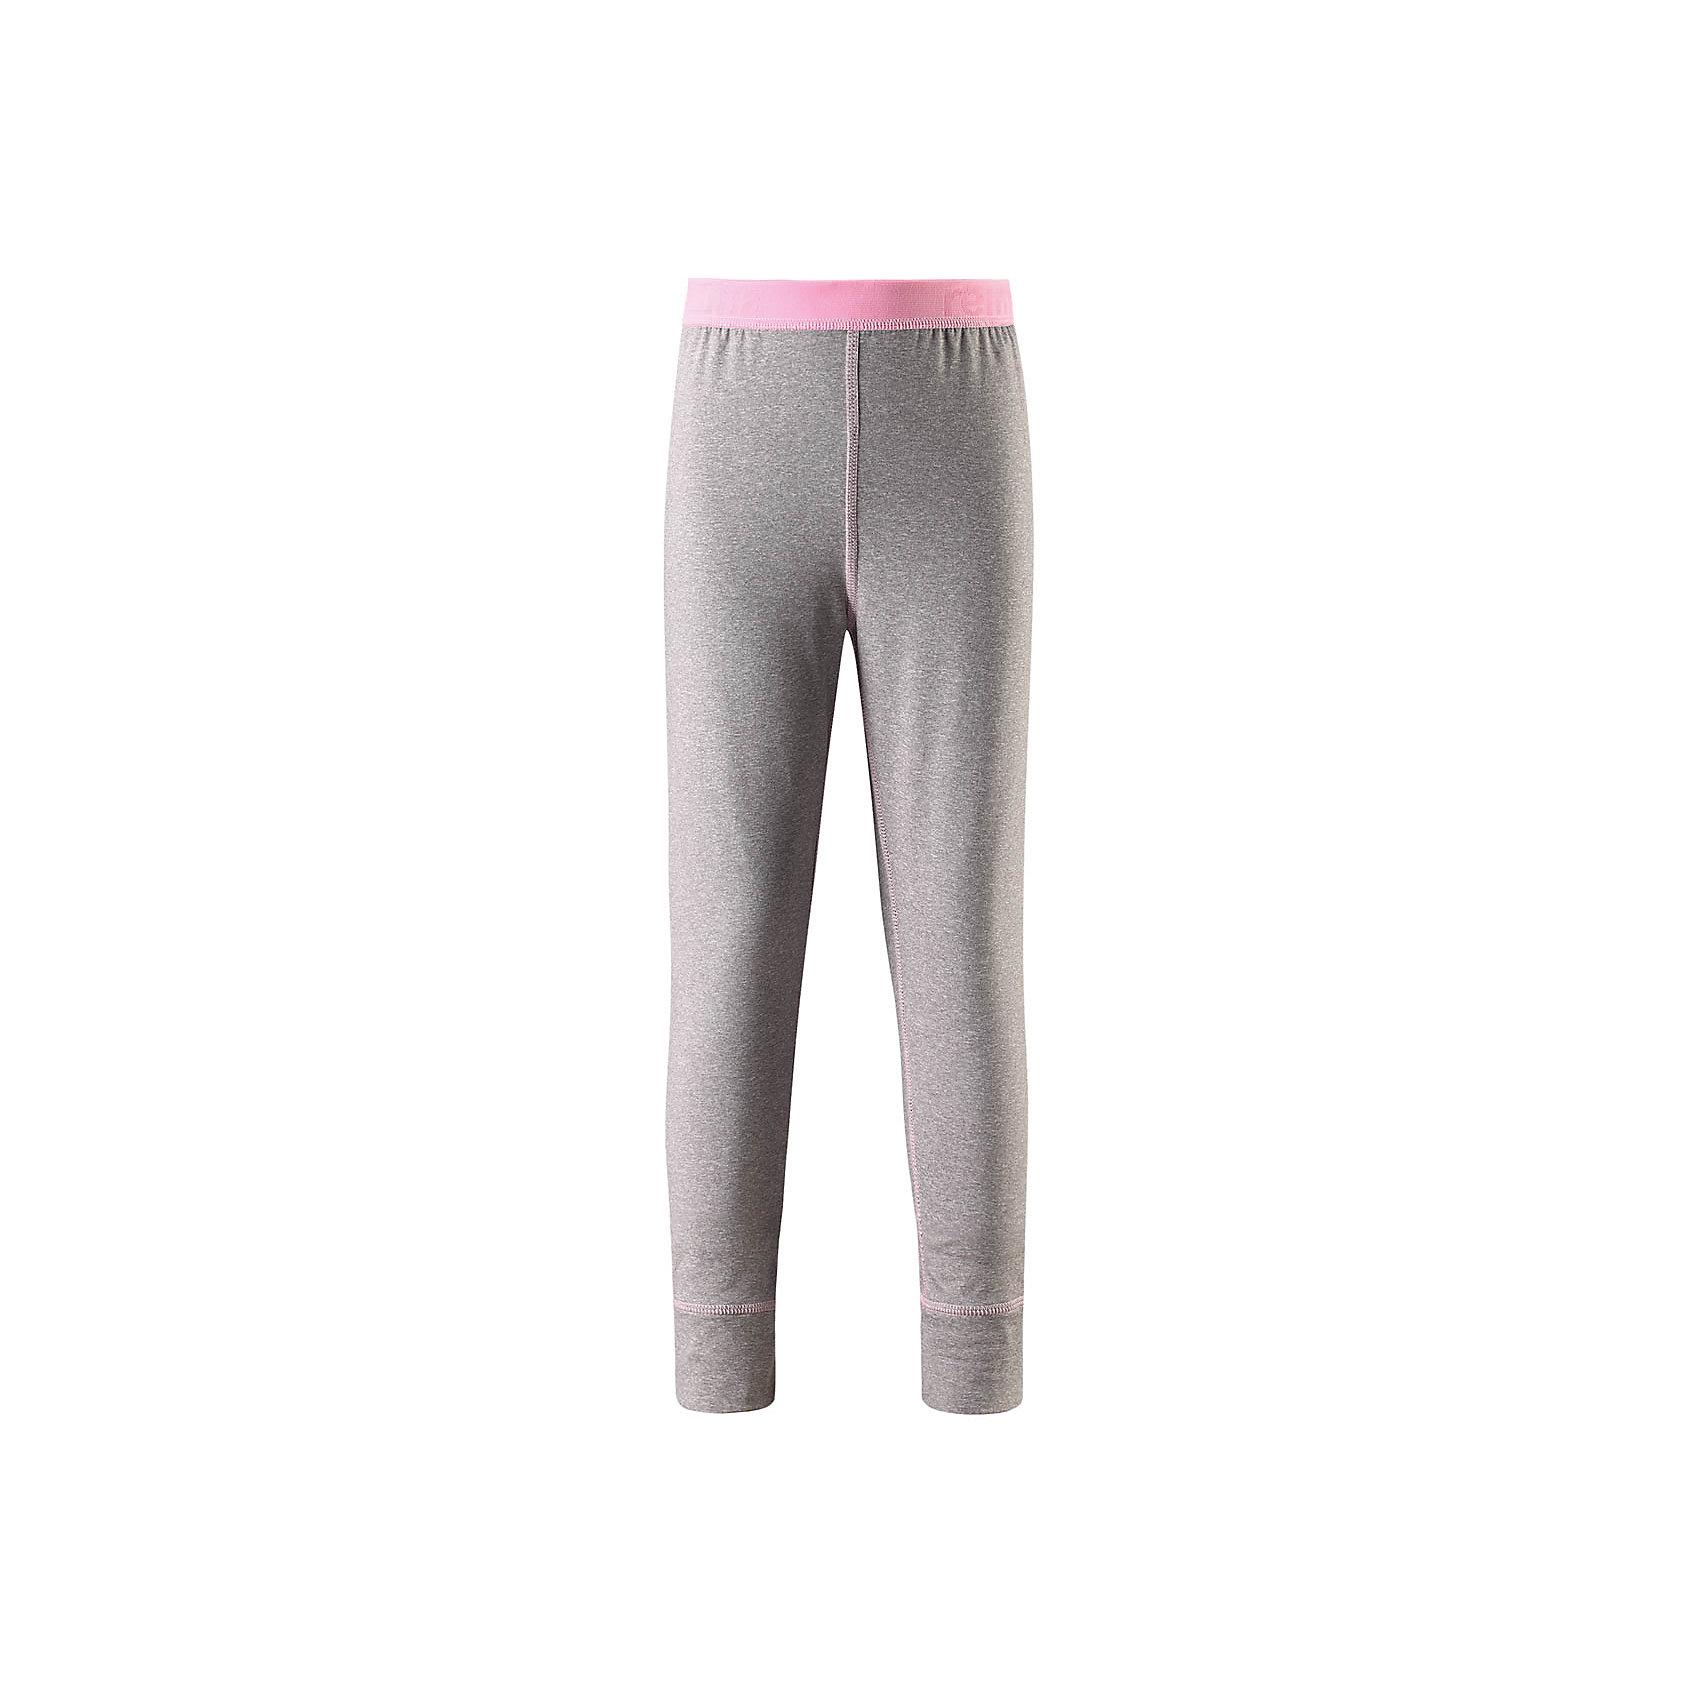 Брюки Reima FilzФлис и термобелье<br>Характеристики товара:<br><br>• цвет: серый/розовый;<br>• состав: 92% полиэстер, 8% эластан; <br>• сезон: демисезон;<br>• мягкая ткань с начесом, приятная на ощупь;<br>• гладкая передняя часть;<br>• выводит влагу в верхние слои одежды;<br>• мягкие плоские швы для дополнительного комфорта: не раздражают кожу;<br>• эластичная талия;<br>• страна бренда: Финляндия;<br>• страна изготовитель: Китай;<br><br>Удобные стрейчевые леггинсы для подростков изготовлены из мягкого эластичного меланжевого джерси с гладкой поверхностью. Изнаночная сторона с начесом очень удобная и приятная на ощупь, а плоские швы не натирают кожу. Дышащий материал эффективно выводит влагу в верхние слои одежды и быстро сохнет. Материал имеет УФ-защиту 50+. Эти леггинсы станут отличным выбором для активных прогулок.<br><br>Брюки Filz Reima (Рейма) можно купить в нашем интернет-магазине.<br><br>Ширина мм: 215<br>Глубина мм: 88<br>Высота мм: 191<br>Вес г: 336<br>Цвет: серый<br>Возраст от месяцев: 36<br>Возраст до месяцев: 48<br>Пол: Унисекс<br>Возраст: Детский<br>Размер: 104,164,158,152,146,140,134,128,122,116,110<br>SKU: 6906401